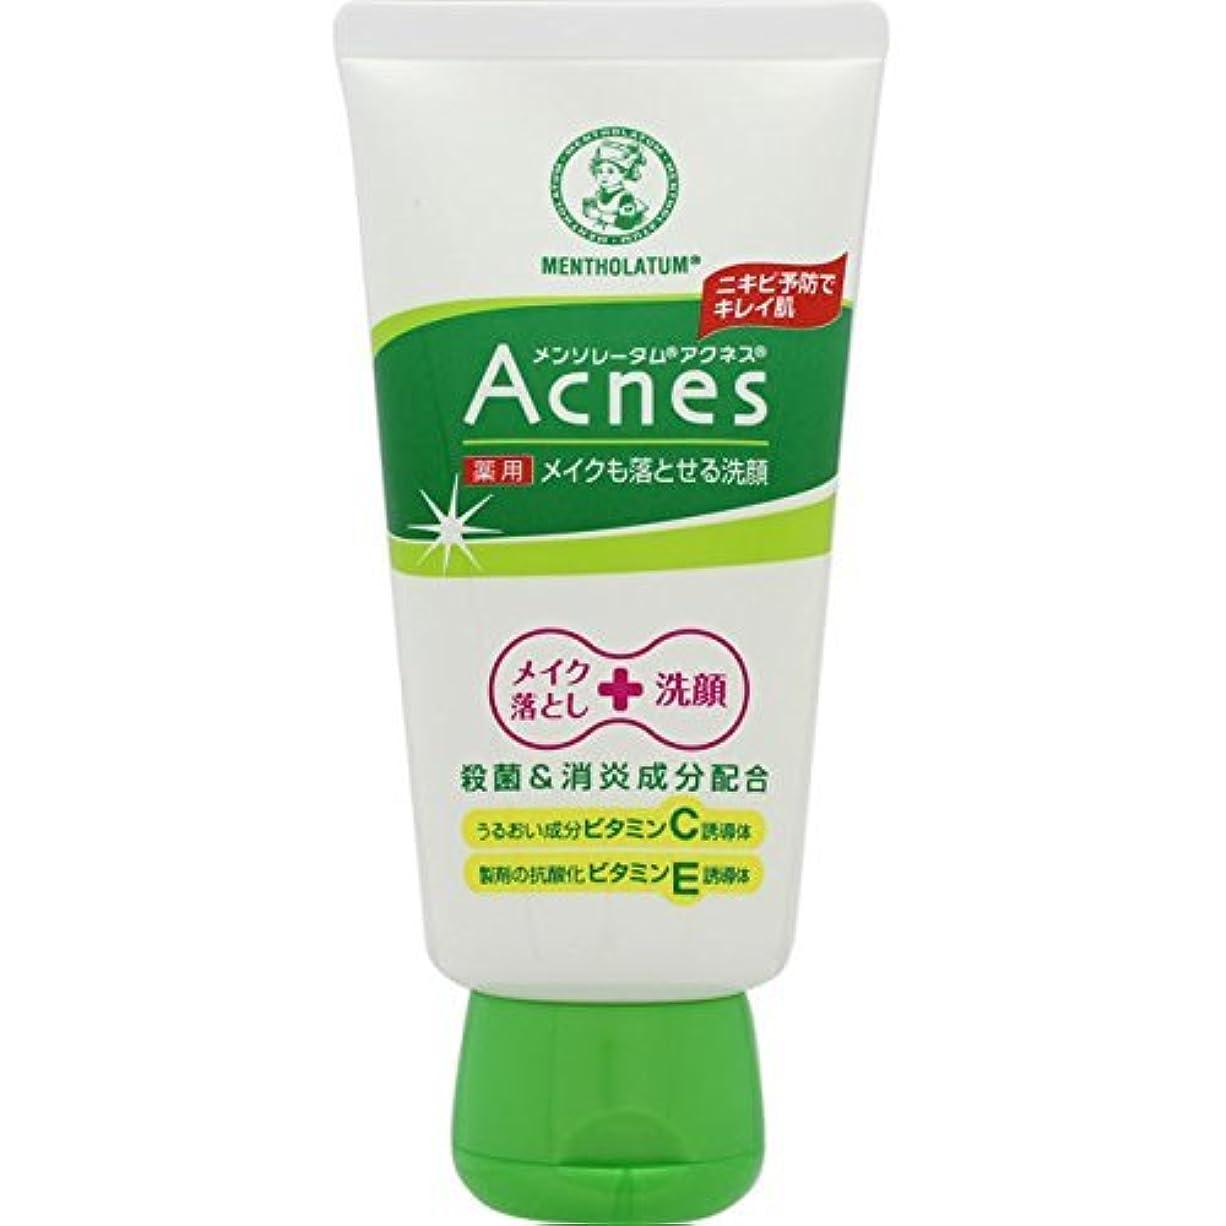 防止アデレード電信Acnes(アクネス) 薬用メイクも落とせる洗顔 130g【医薬部外品】